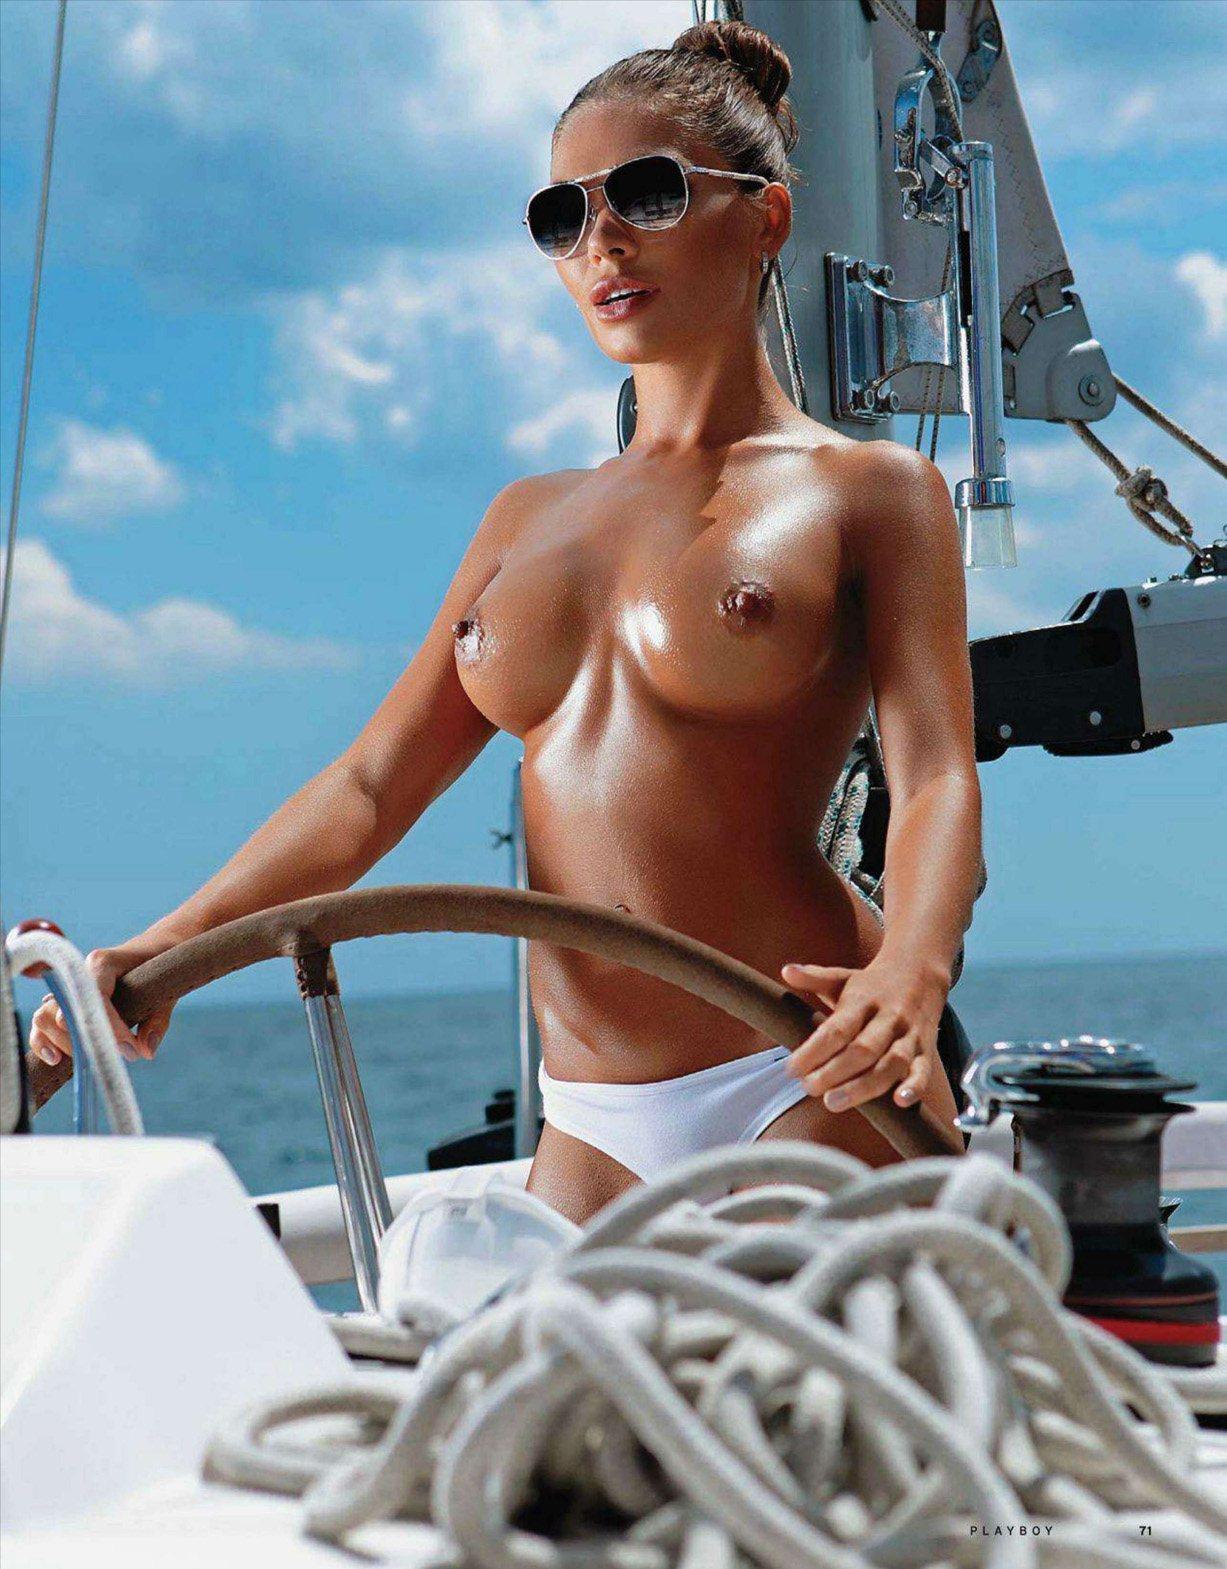 Юлия Новосельская / Julia Novoselskaya in Playboy Ukraine august 2011